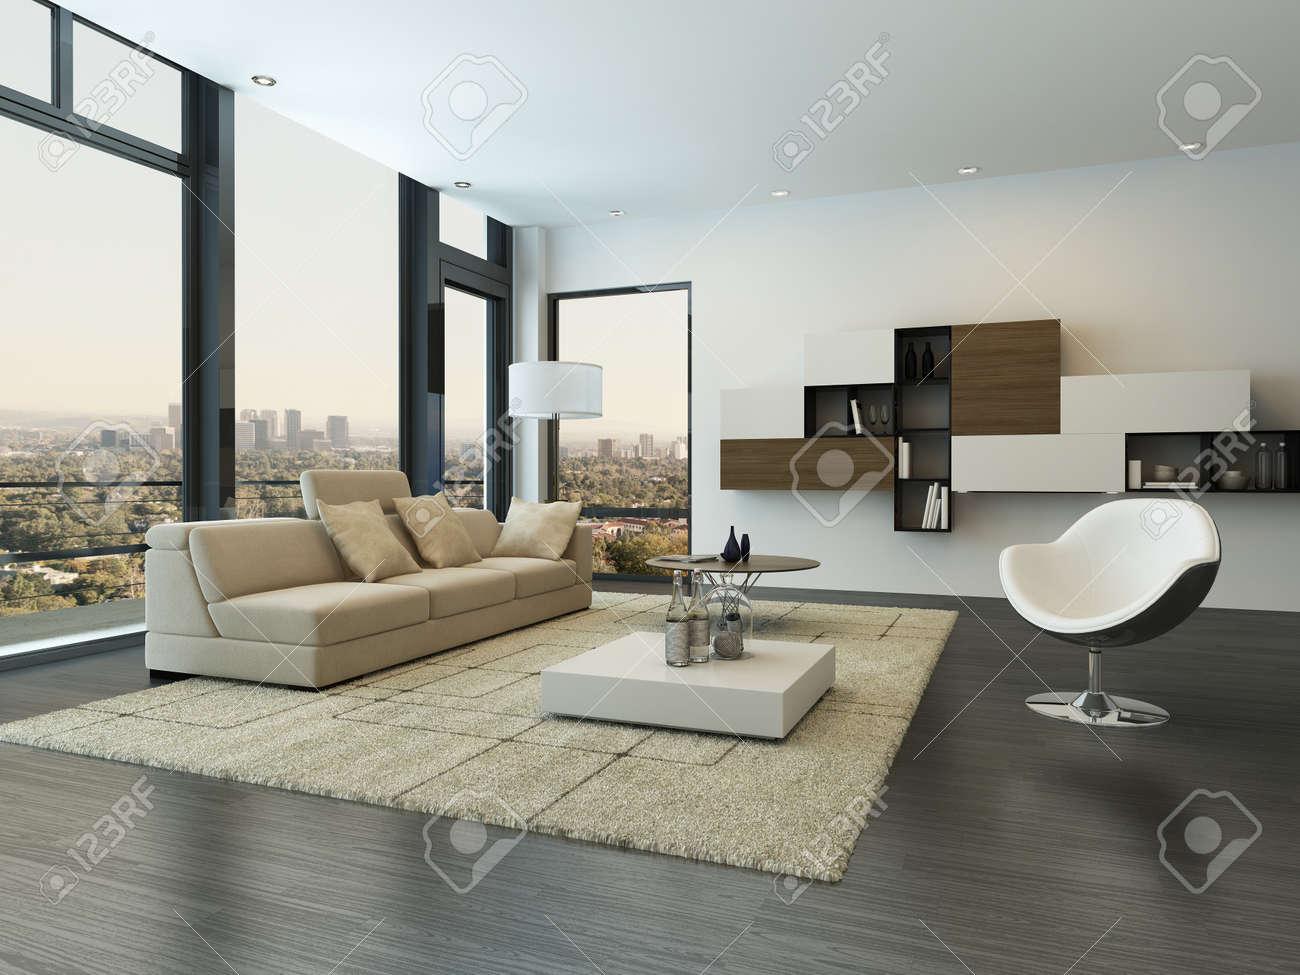 Modern Woonkamer Design : Moderne wohnzimmer innenraum mit design möbeln lizenzfreie fotos